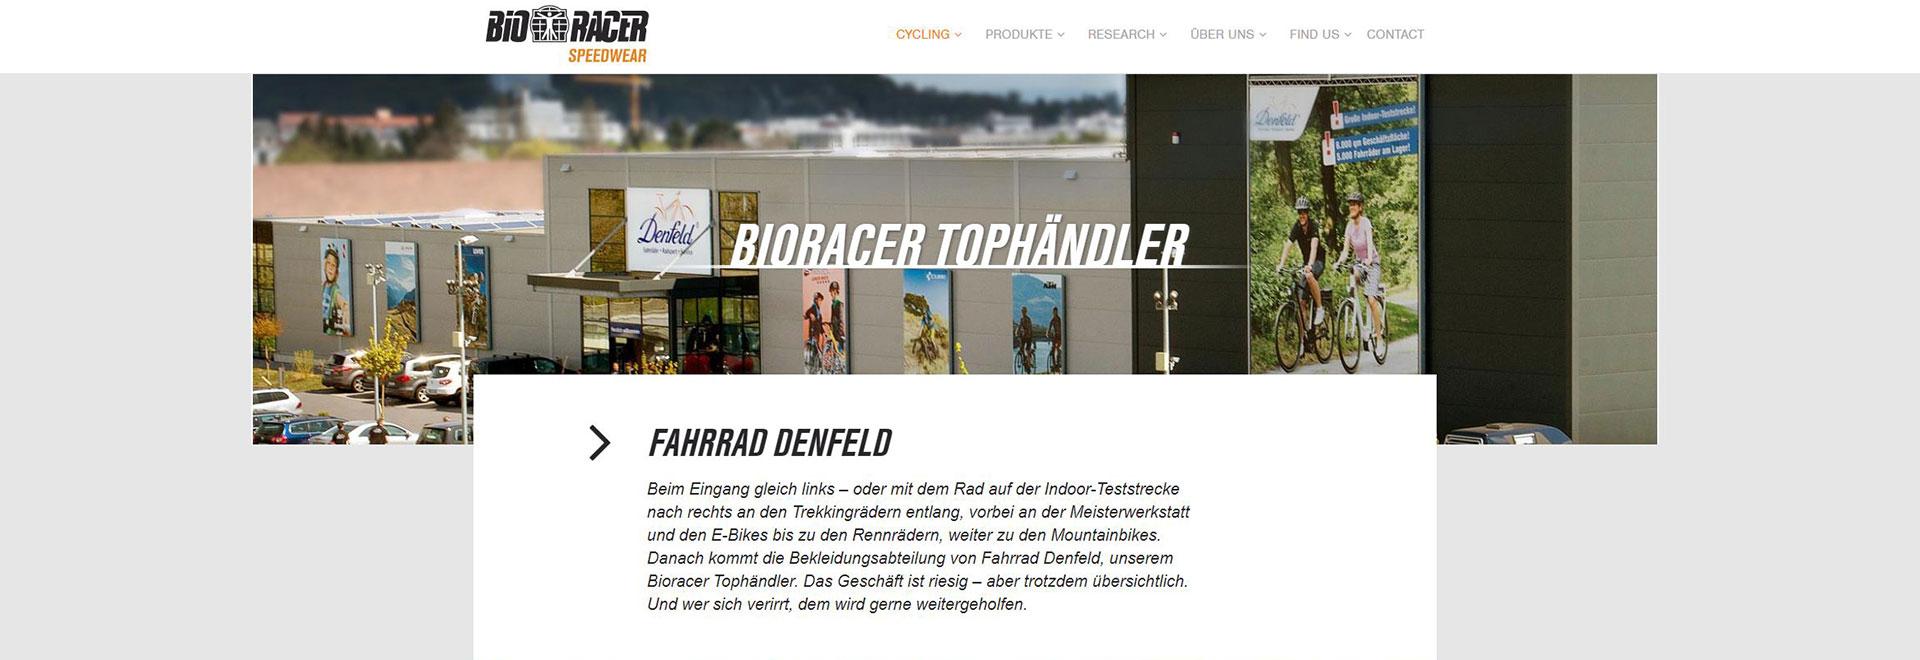 Bioracer Tophändler